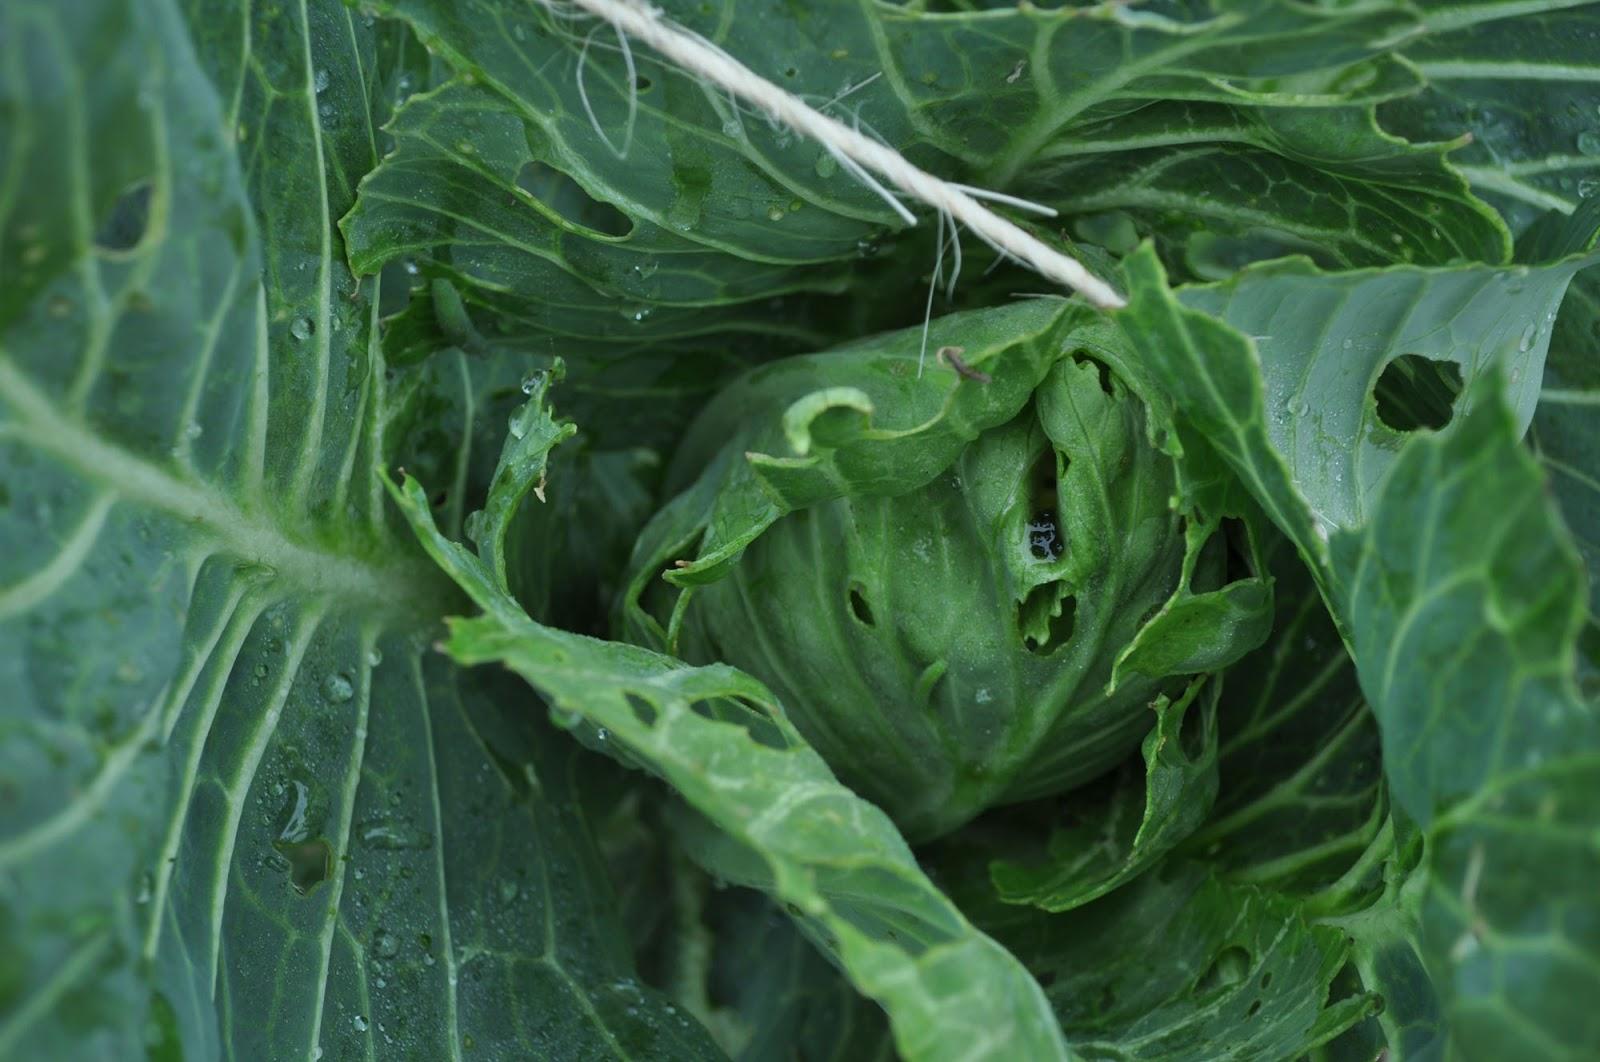 Гусеницы питаются листьями капусты, после себя оставляя рваные дырки